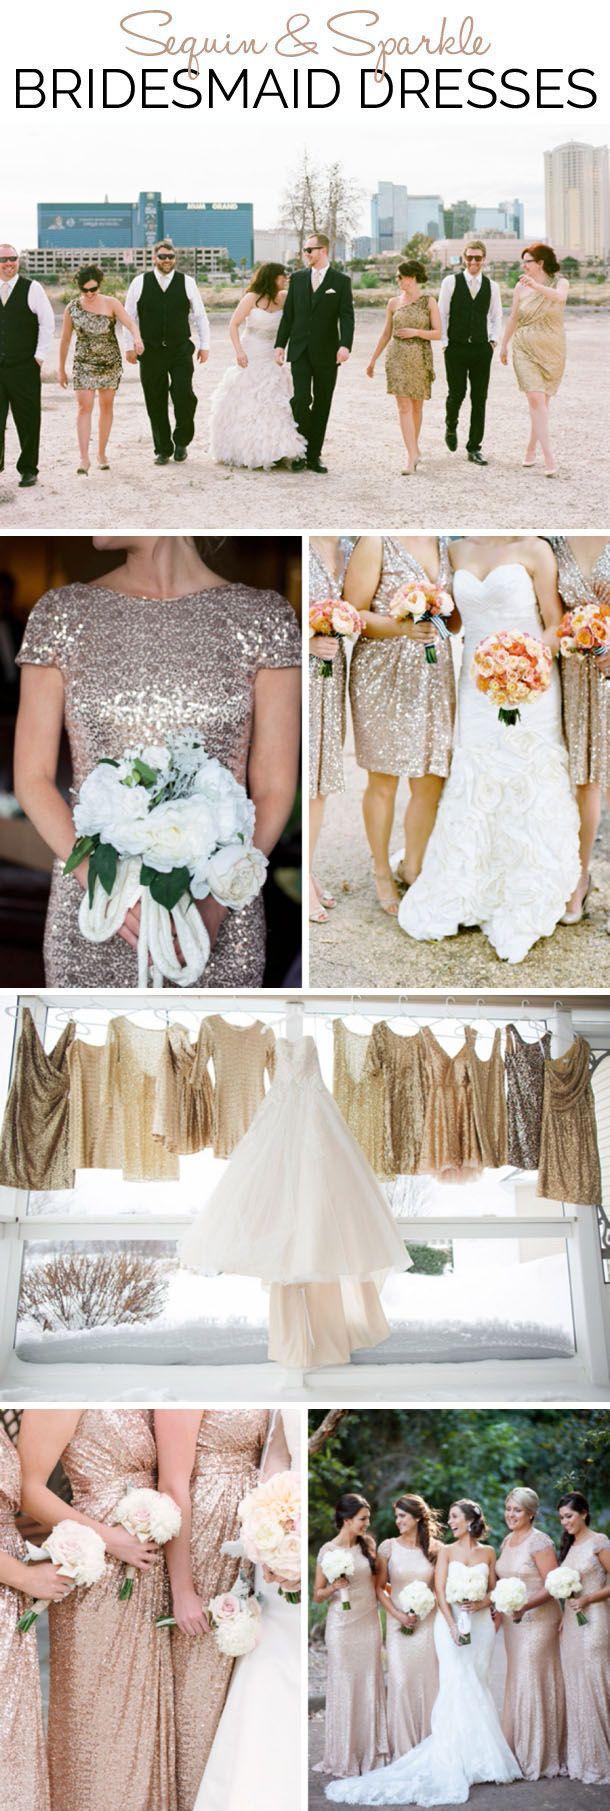 Get the Look: Sequin & Sparkle Bridesmaid Dresses | SouthBound Bride | http://www.southboundbride.com/bridesmaid-boutique-sequin-sparkle | Credits:  Gaby J Photography // The Monarch Studio // Ben Q. Photography // Lauren Fair // Shannon Moffit // Tealily Photography